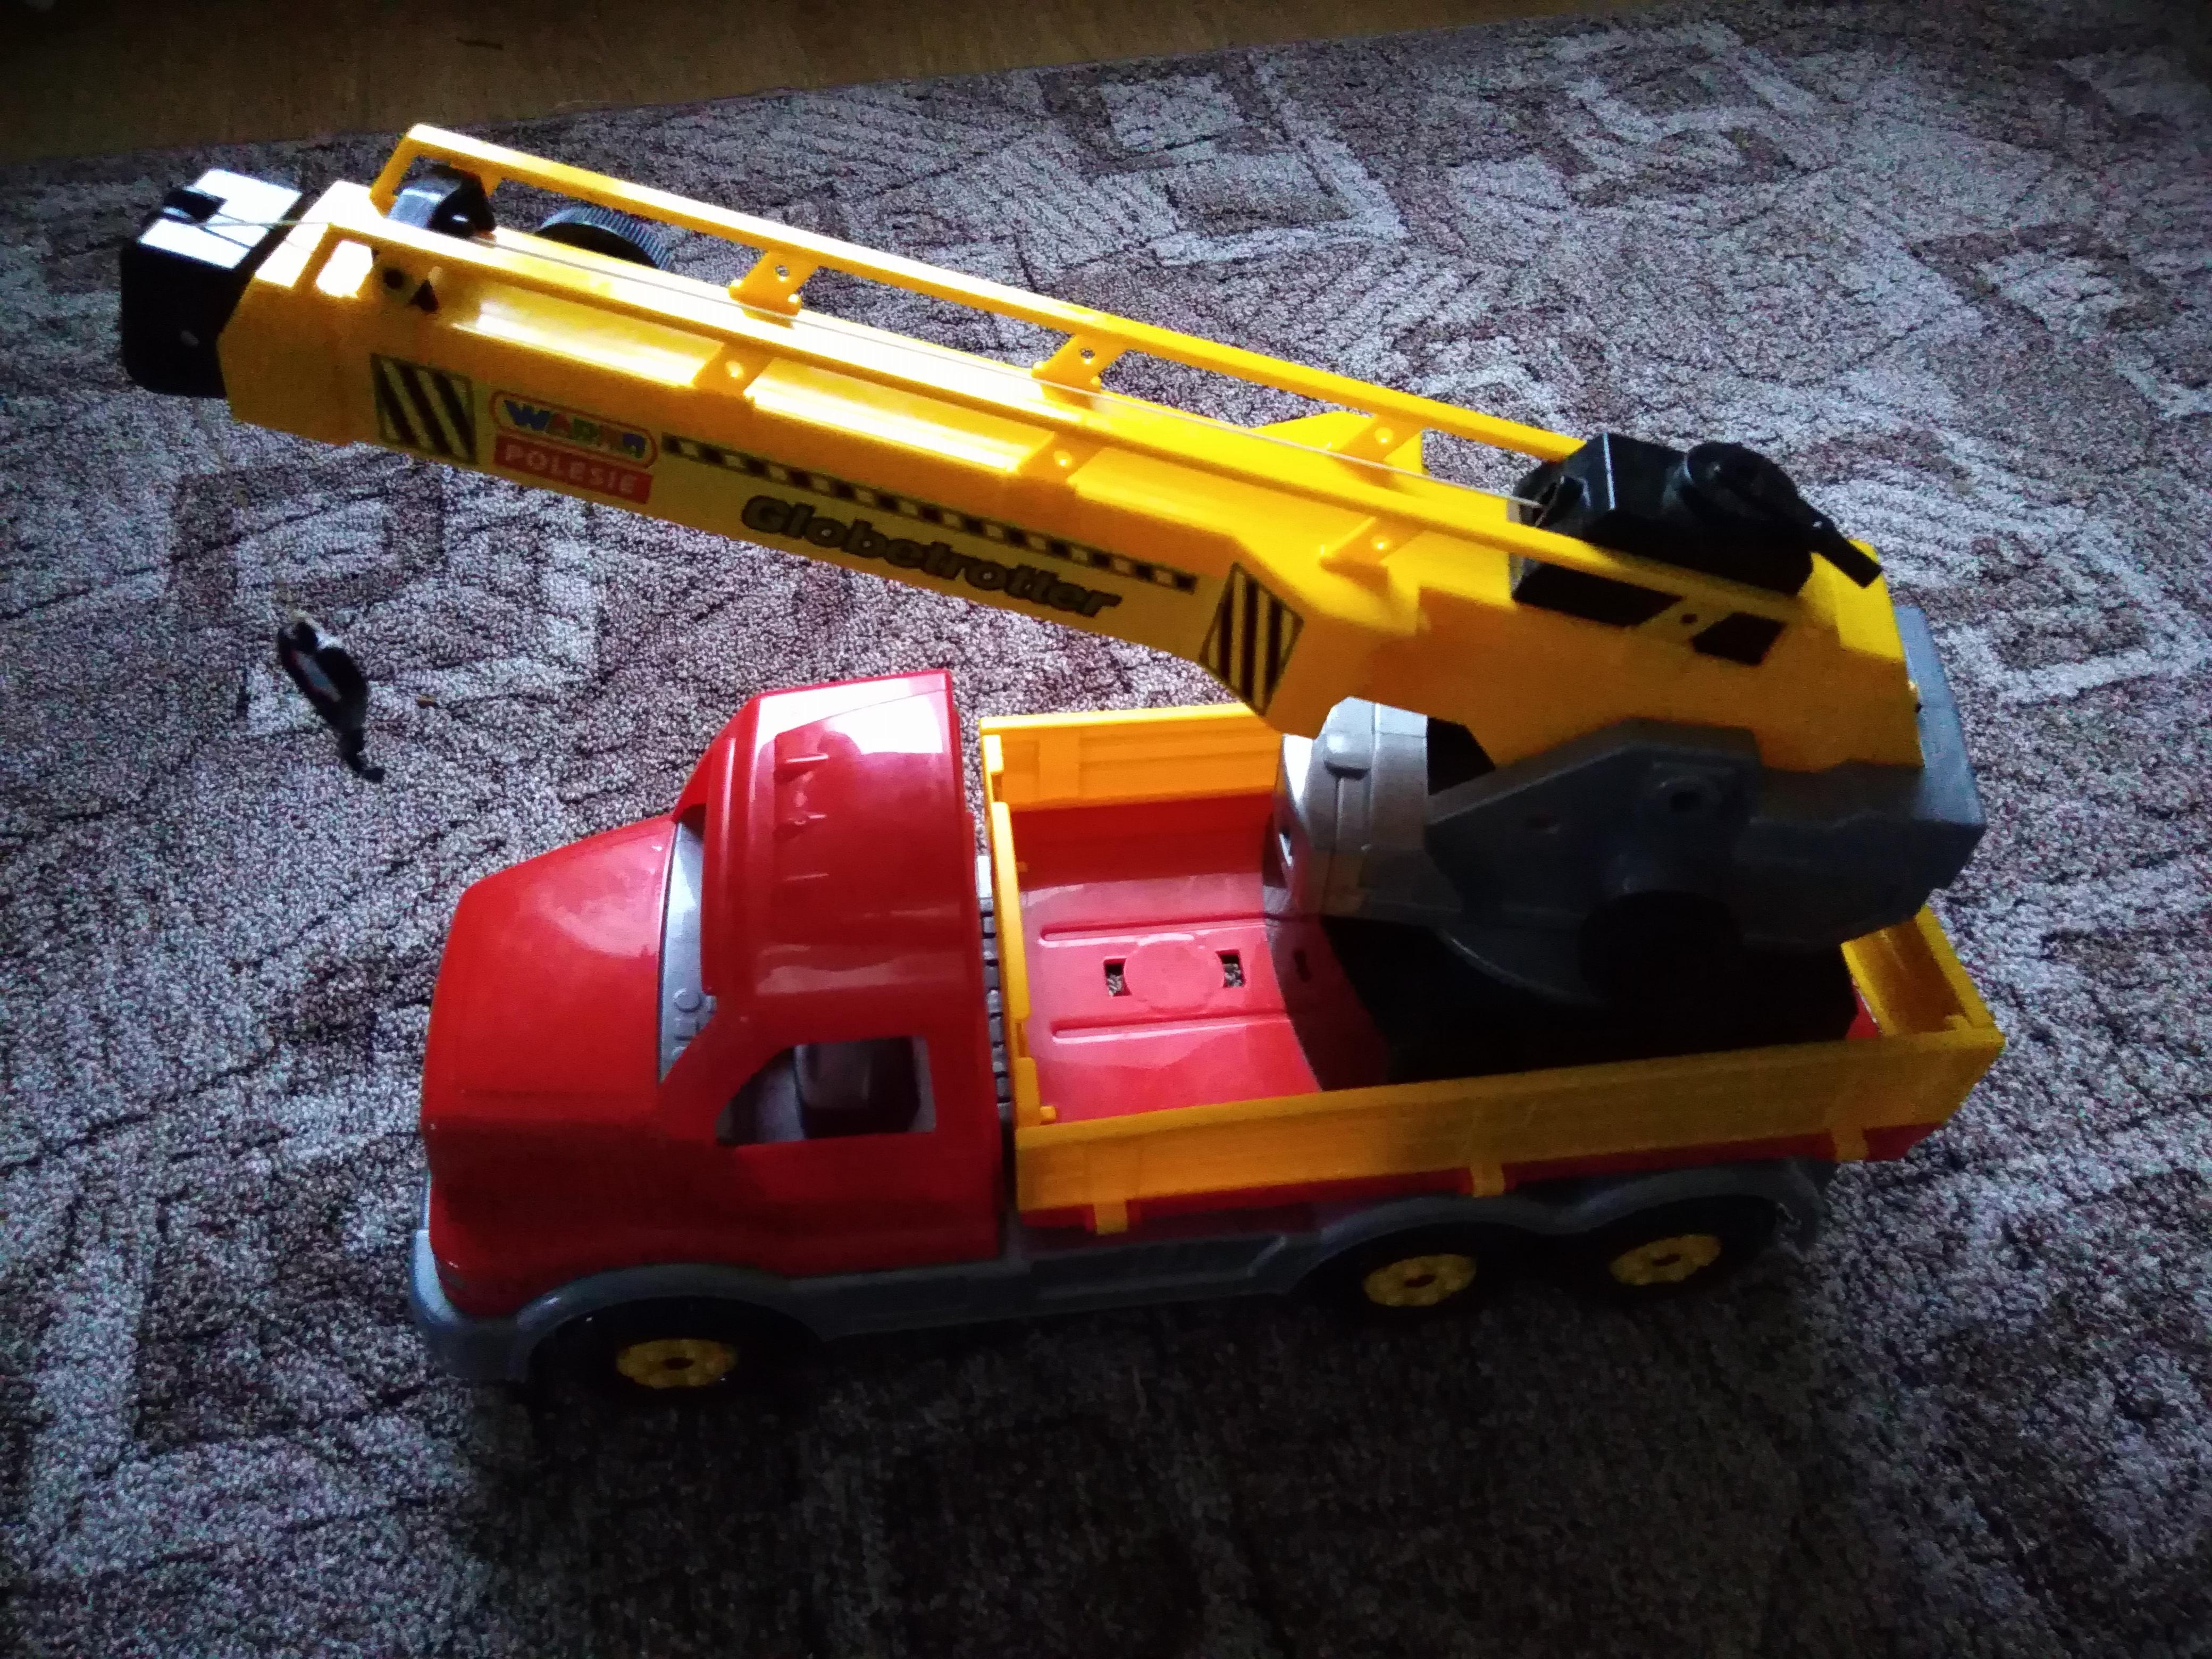 Кран - игрушка для детей